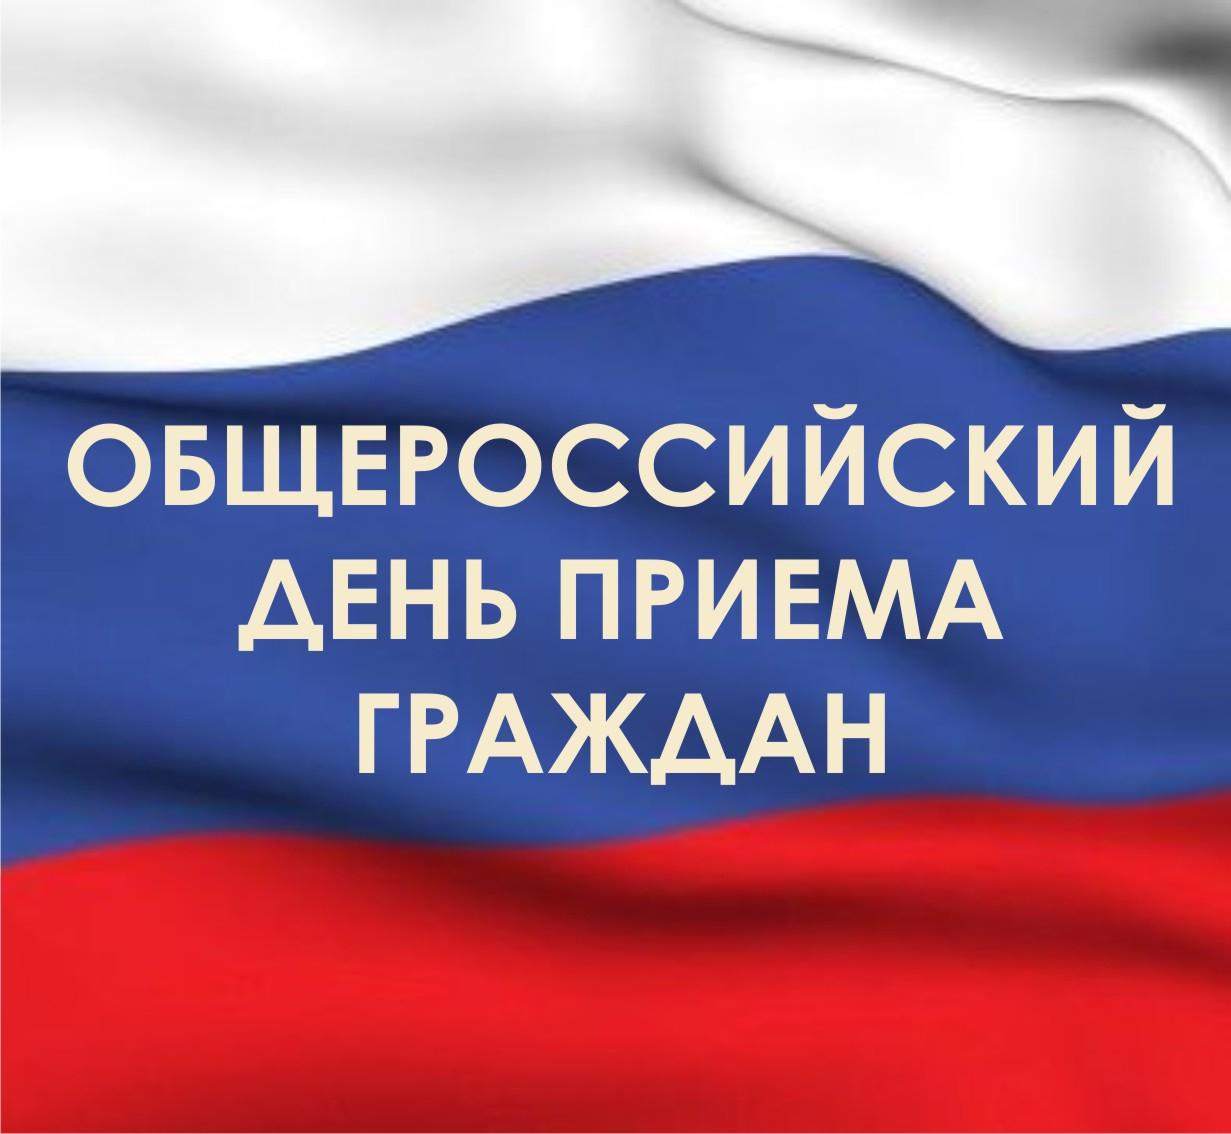 Общероссийский день приема жителей вадминистрации города Ельца